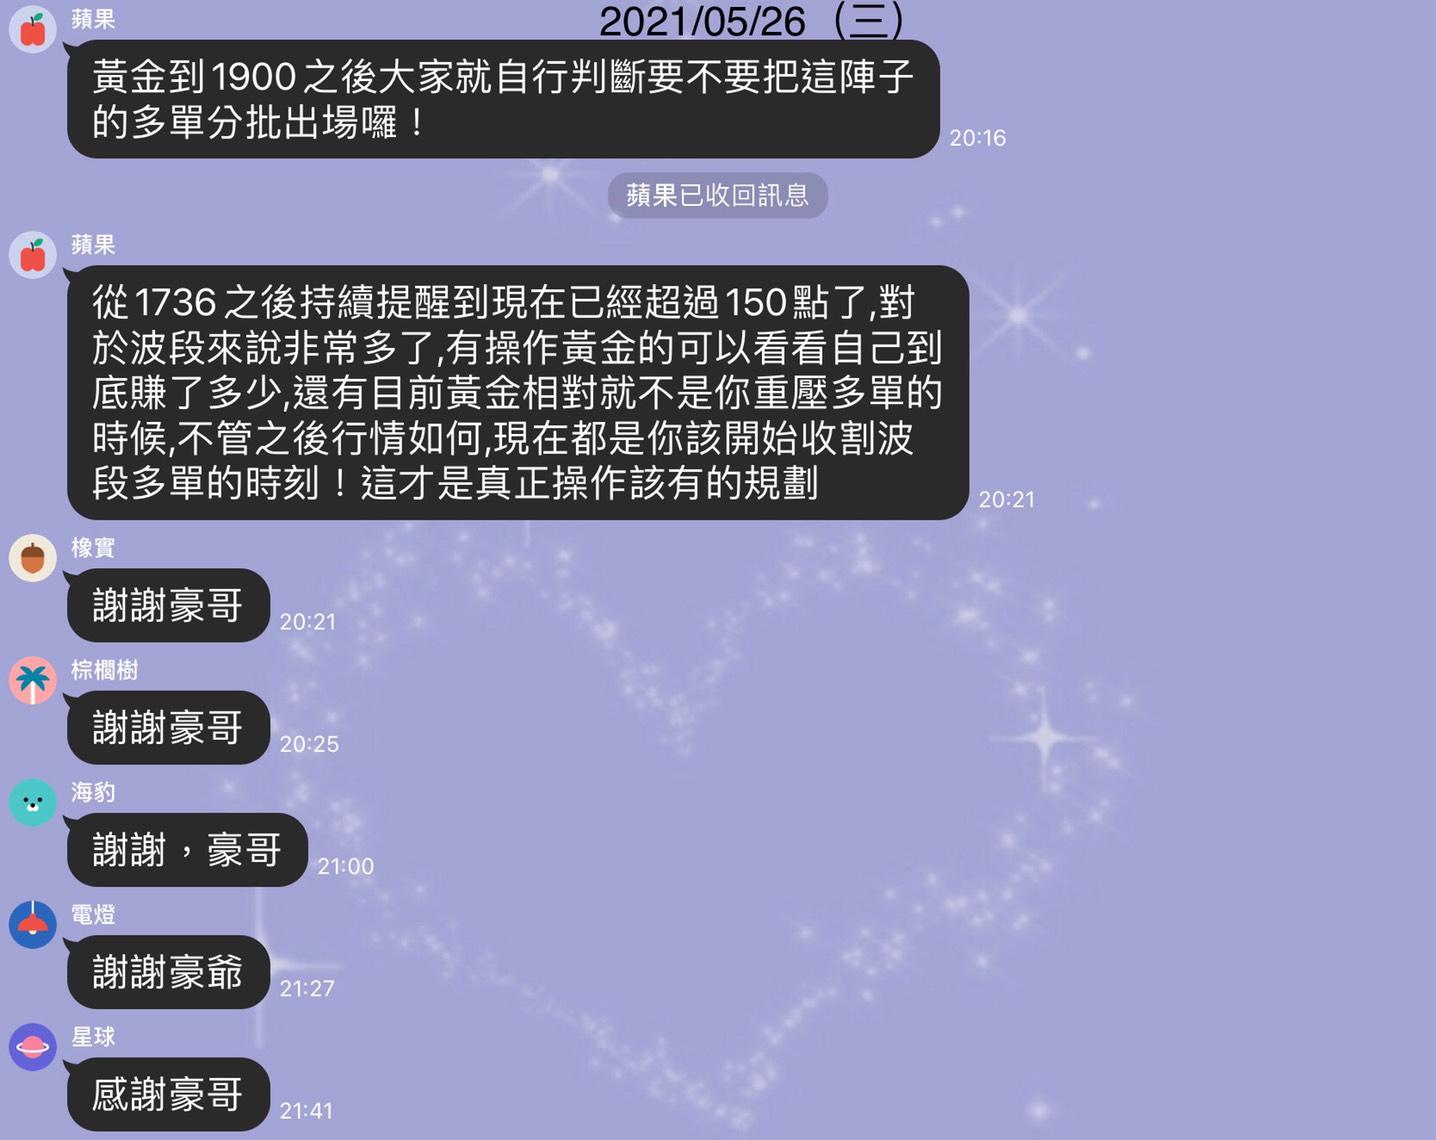 2021/05/31 豪爺週報